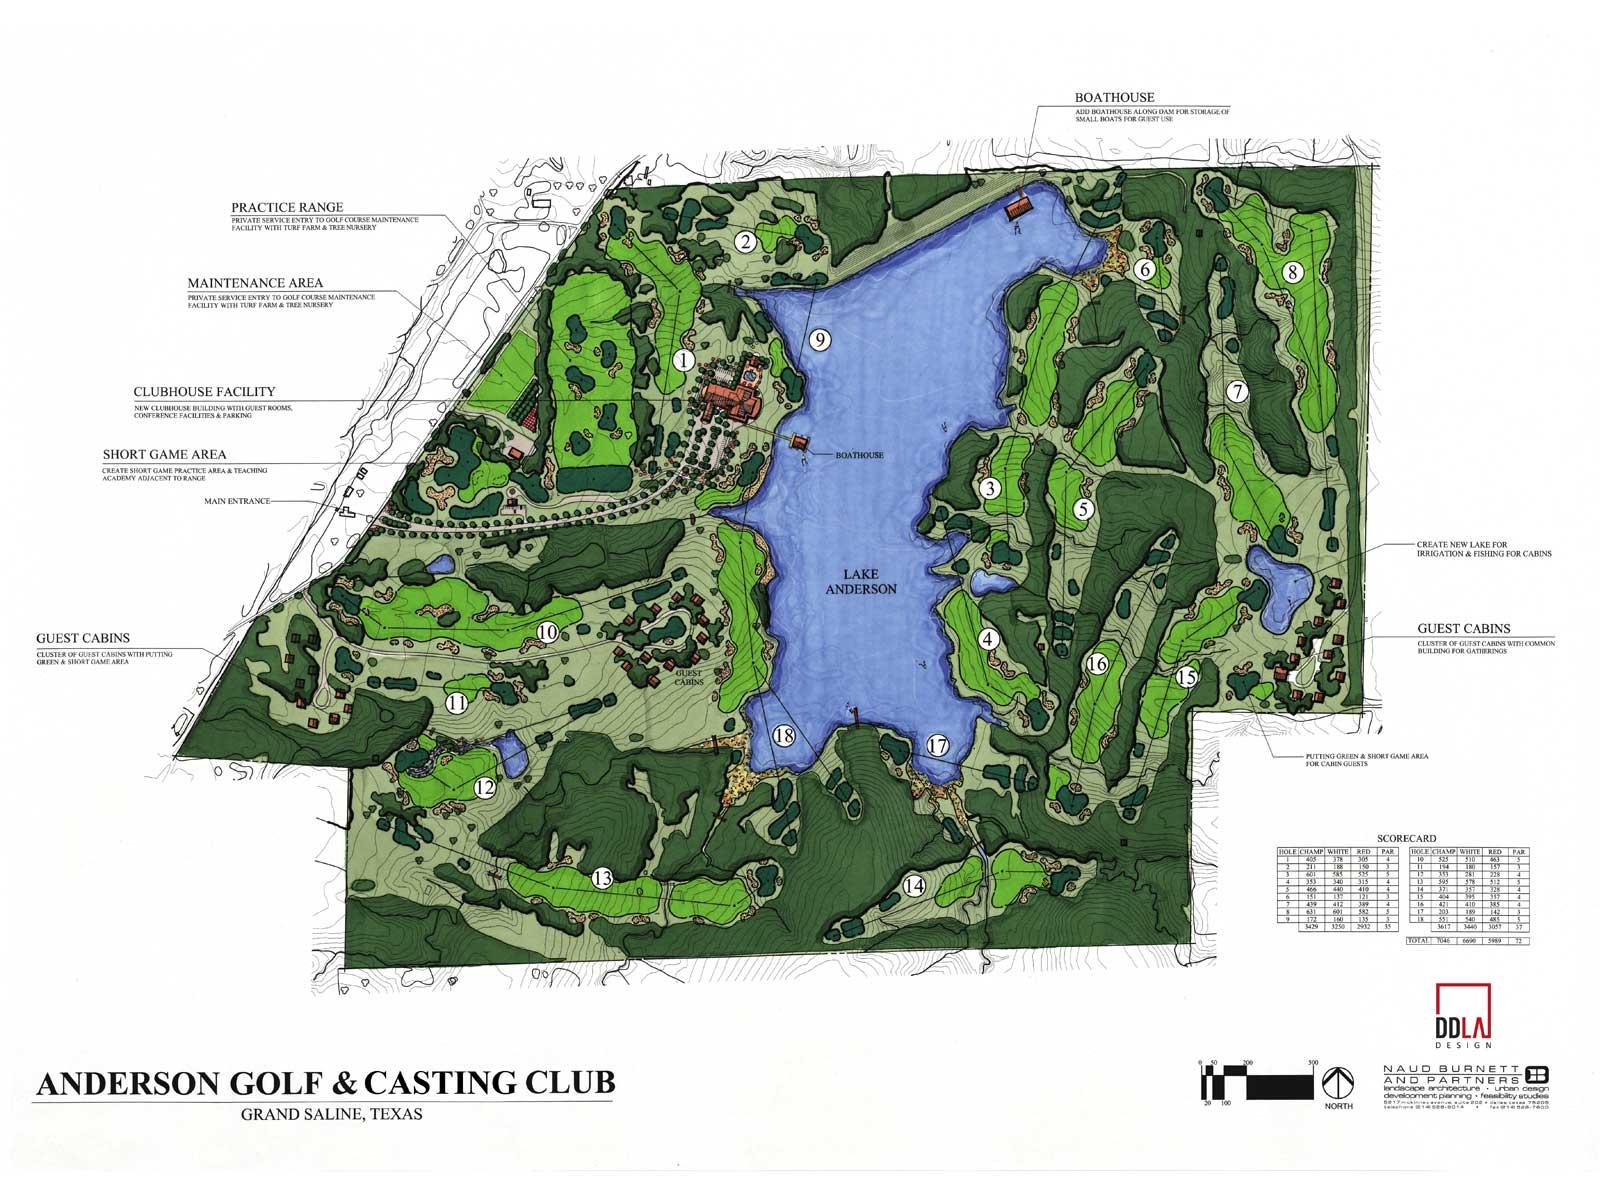 anderson golf & casting club